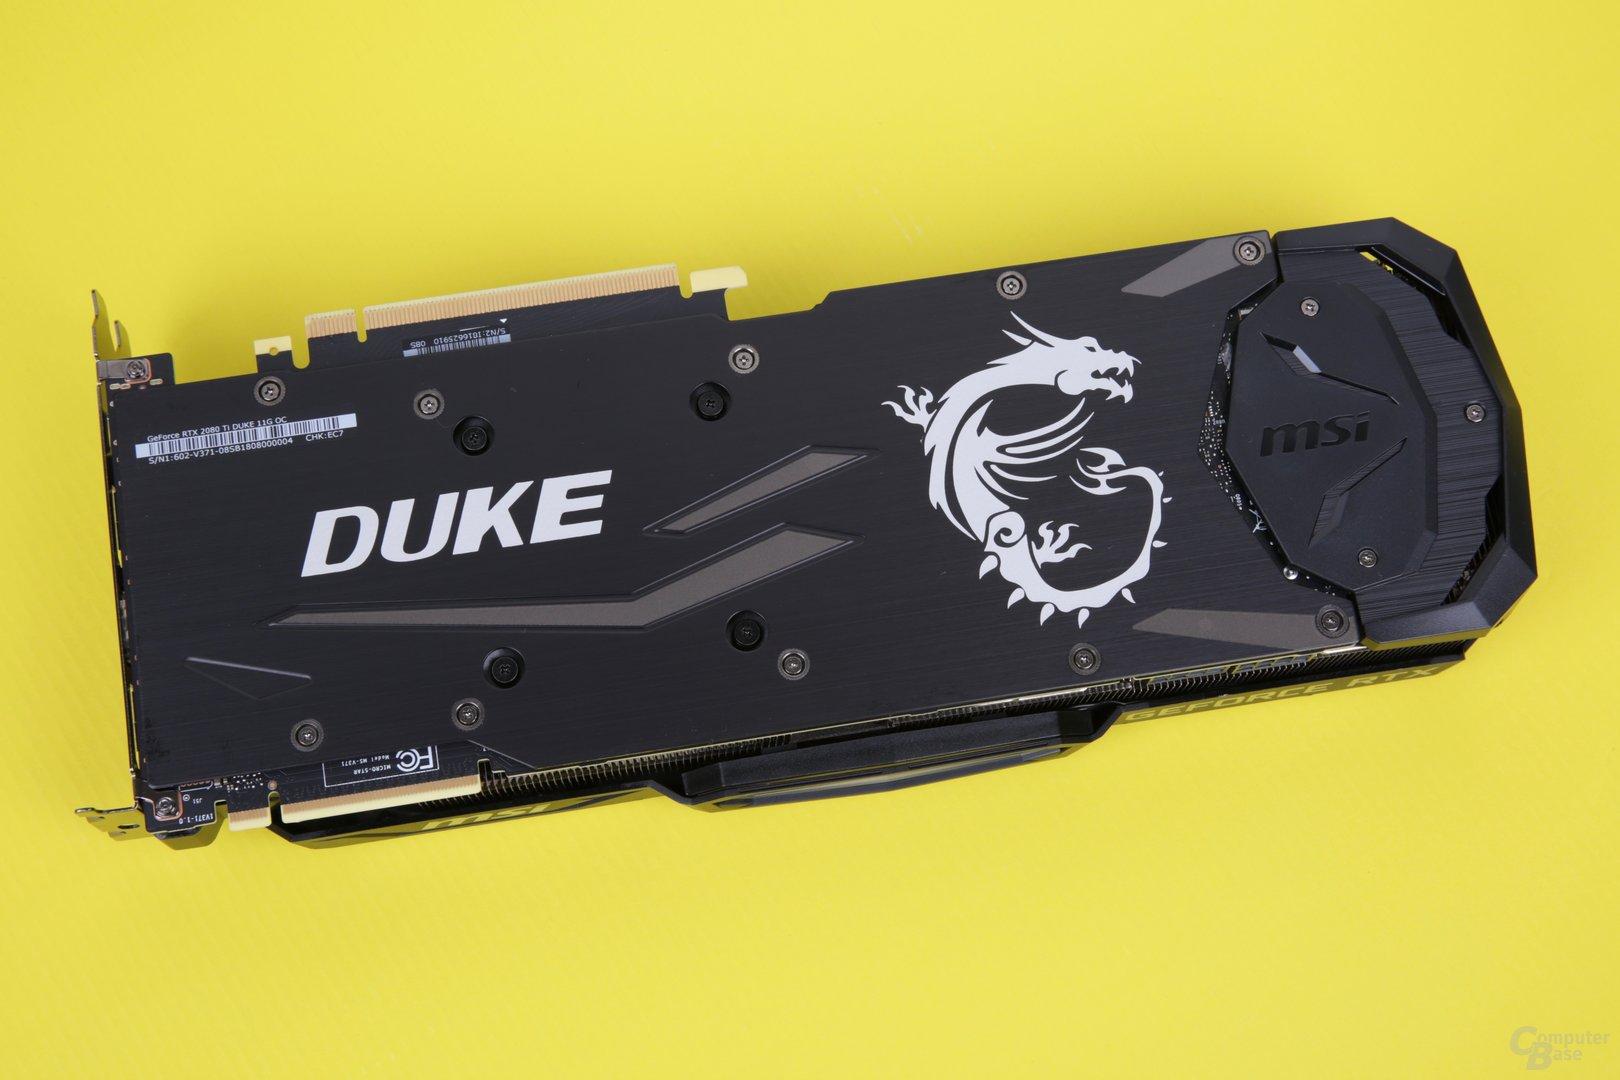 MSI GeForce RTX 2080 Ti Duke